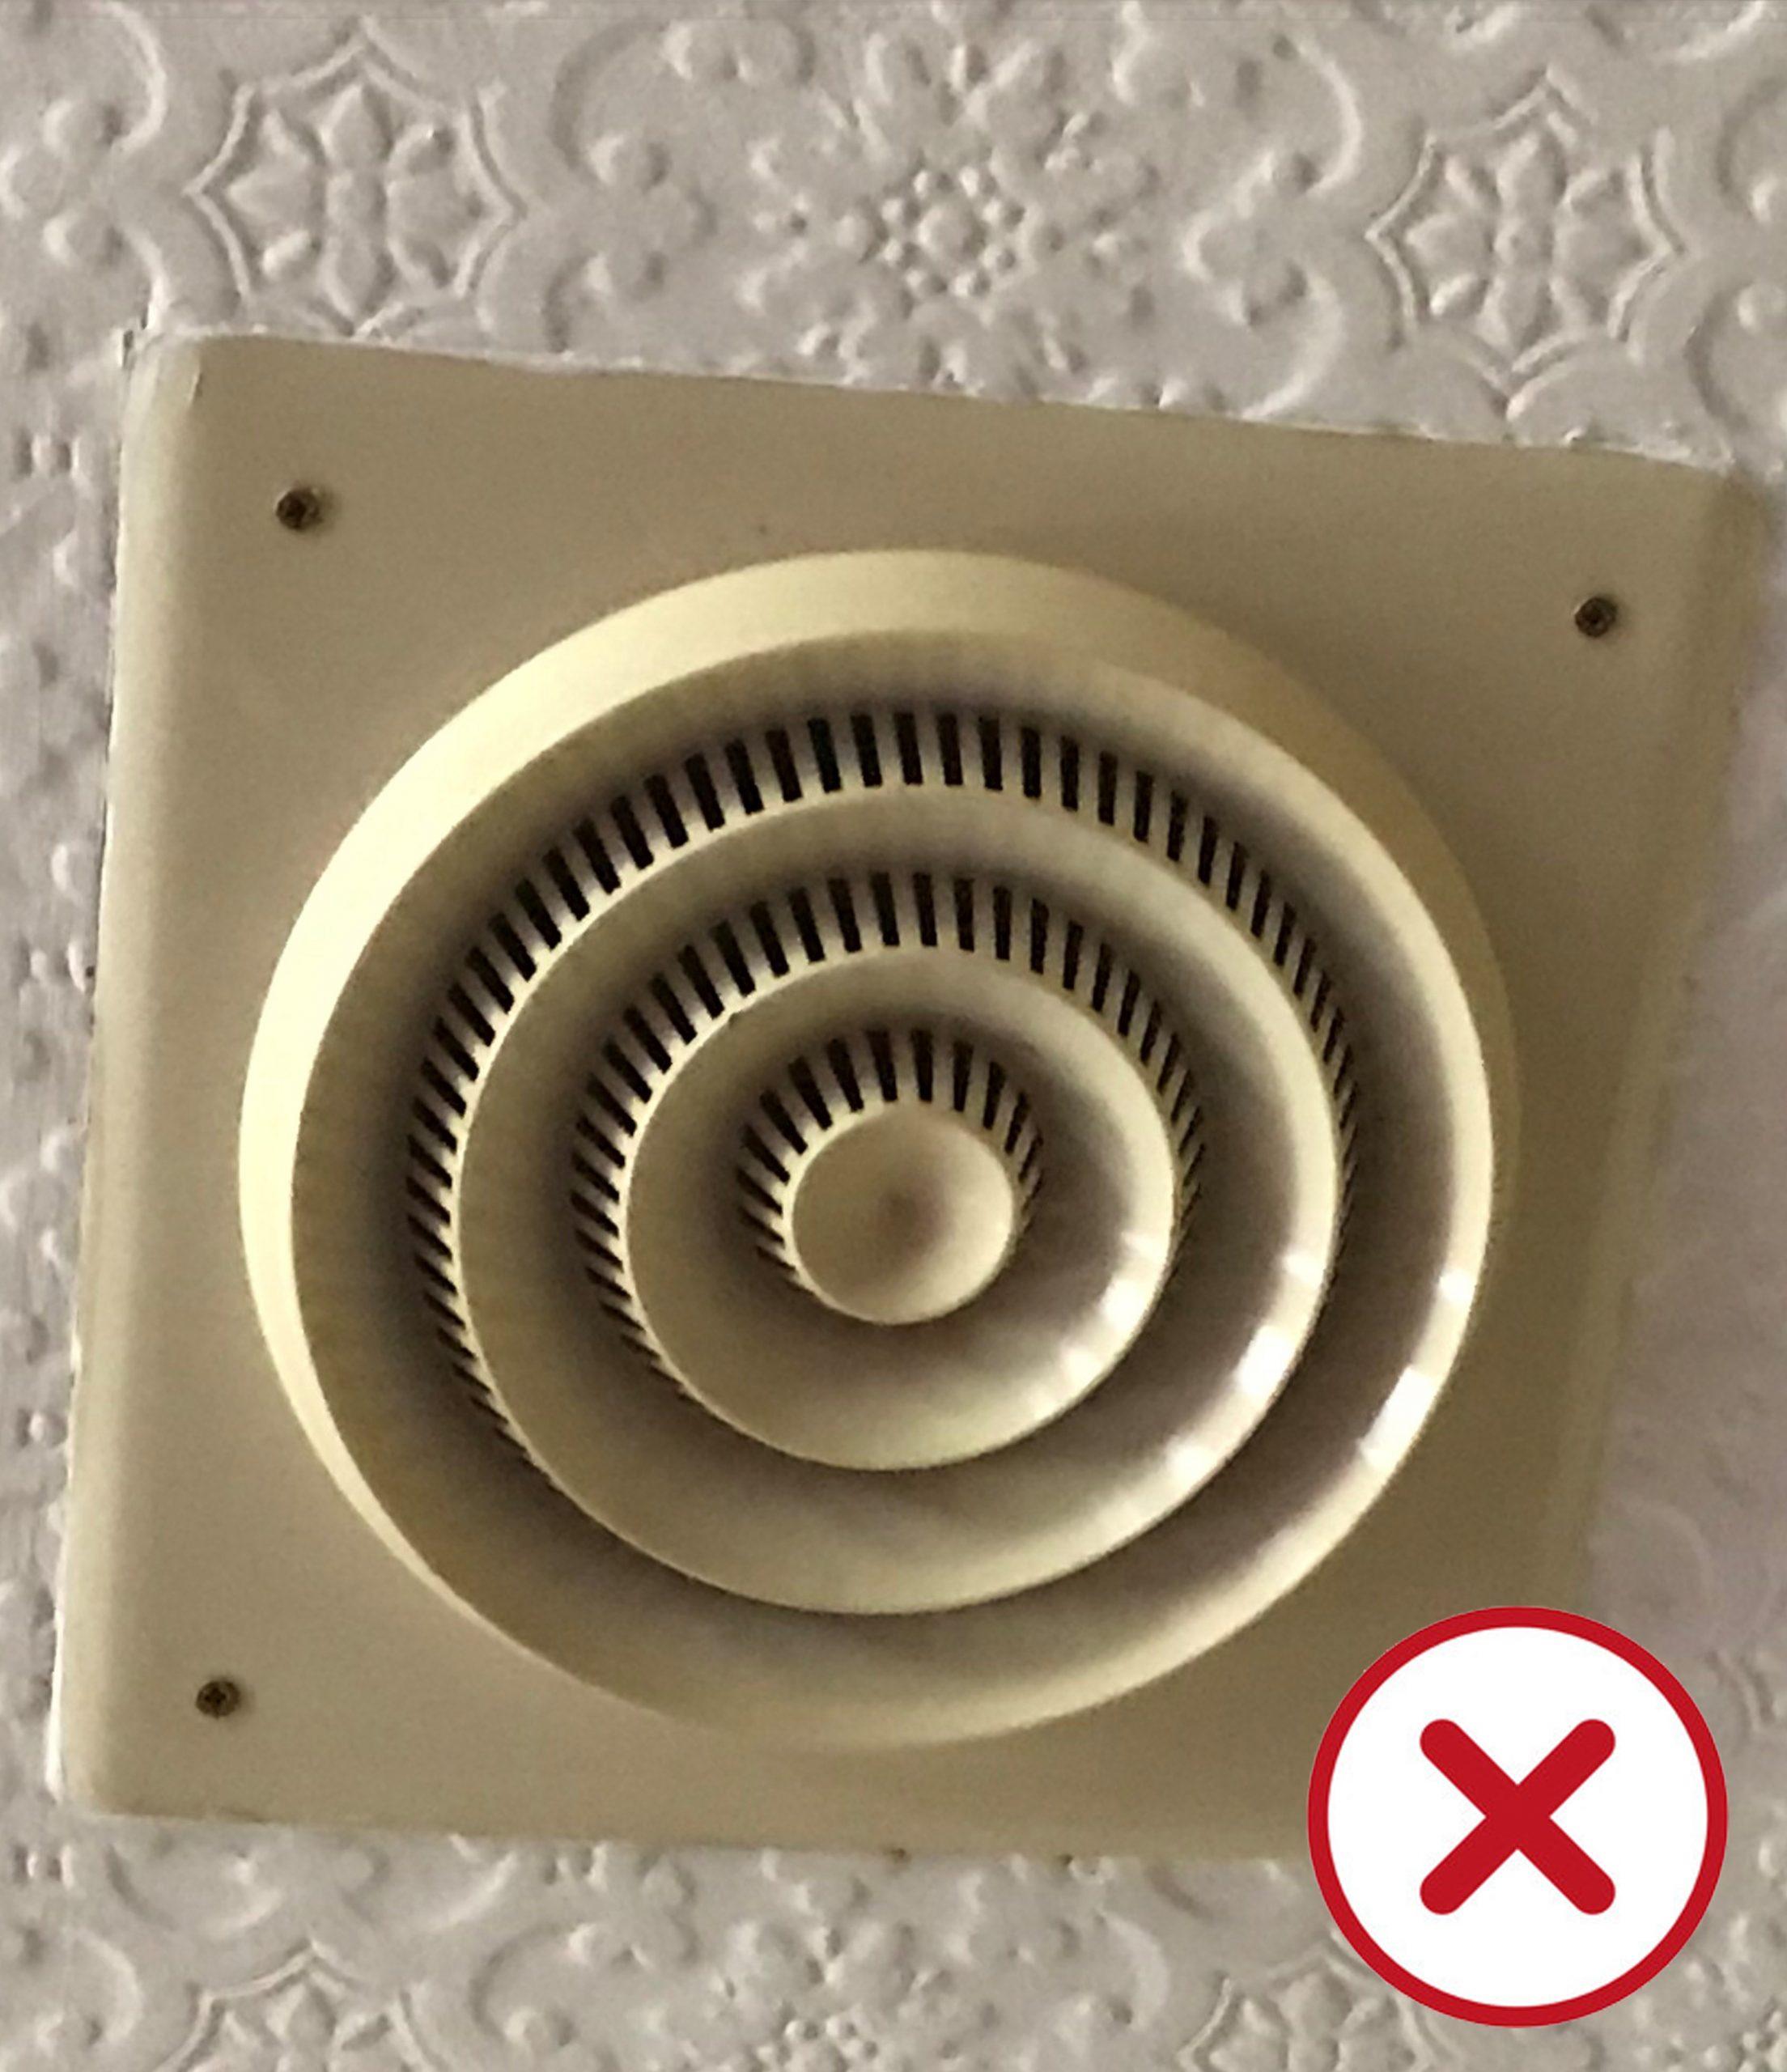 Old install ceiling speaker